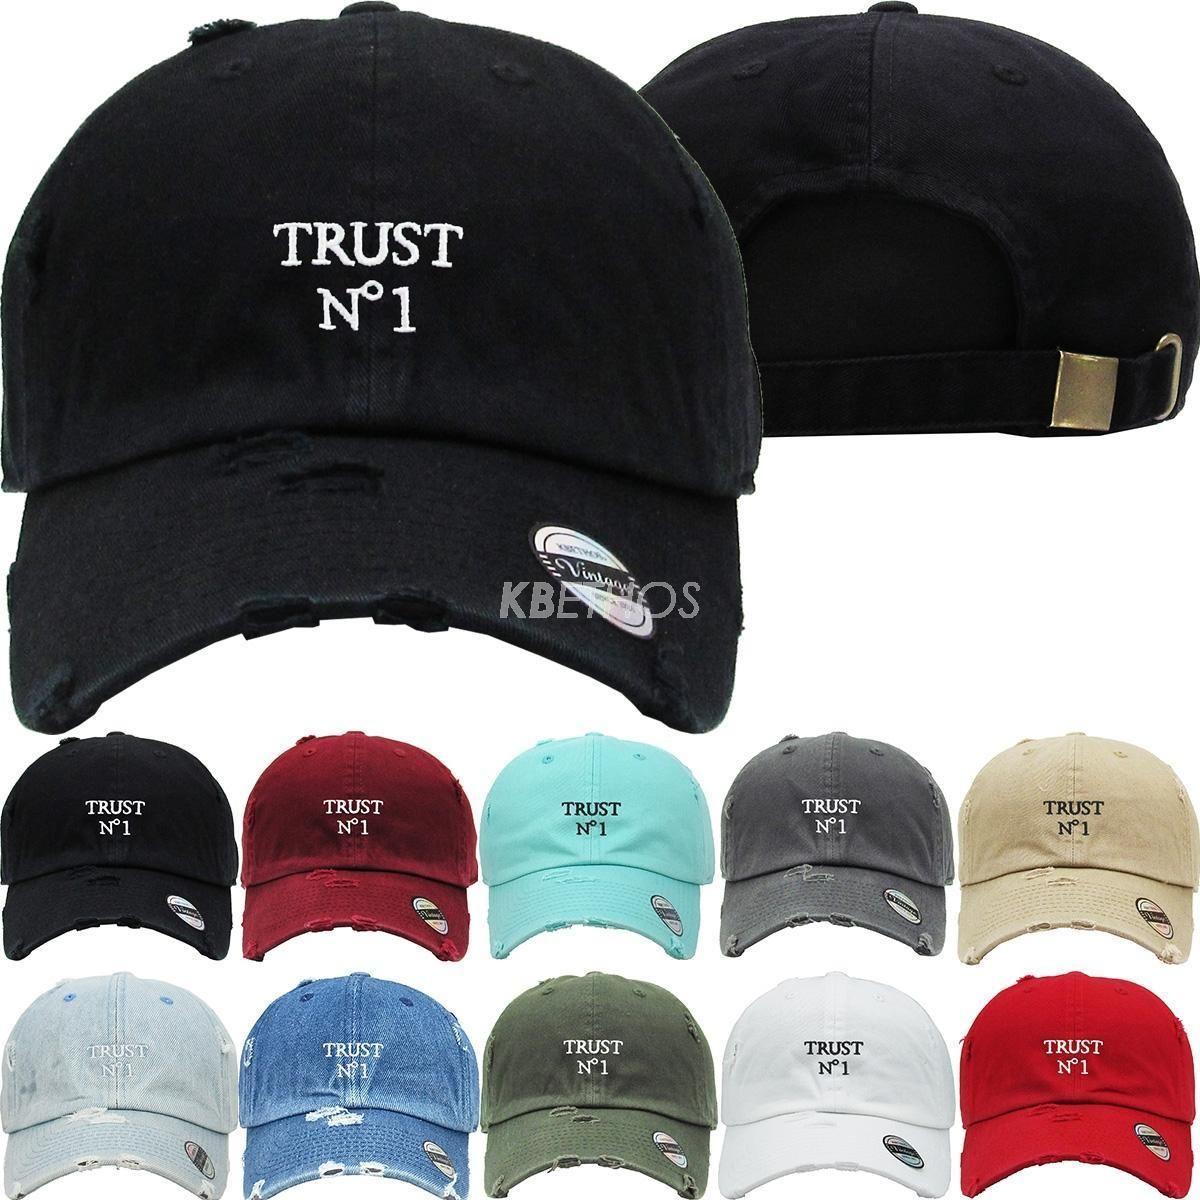 525dd53a758 Trust No1 Dad Hat Baseball Cap Unconstructed